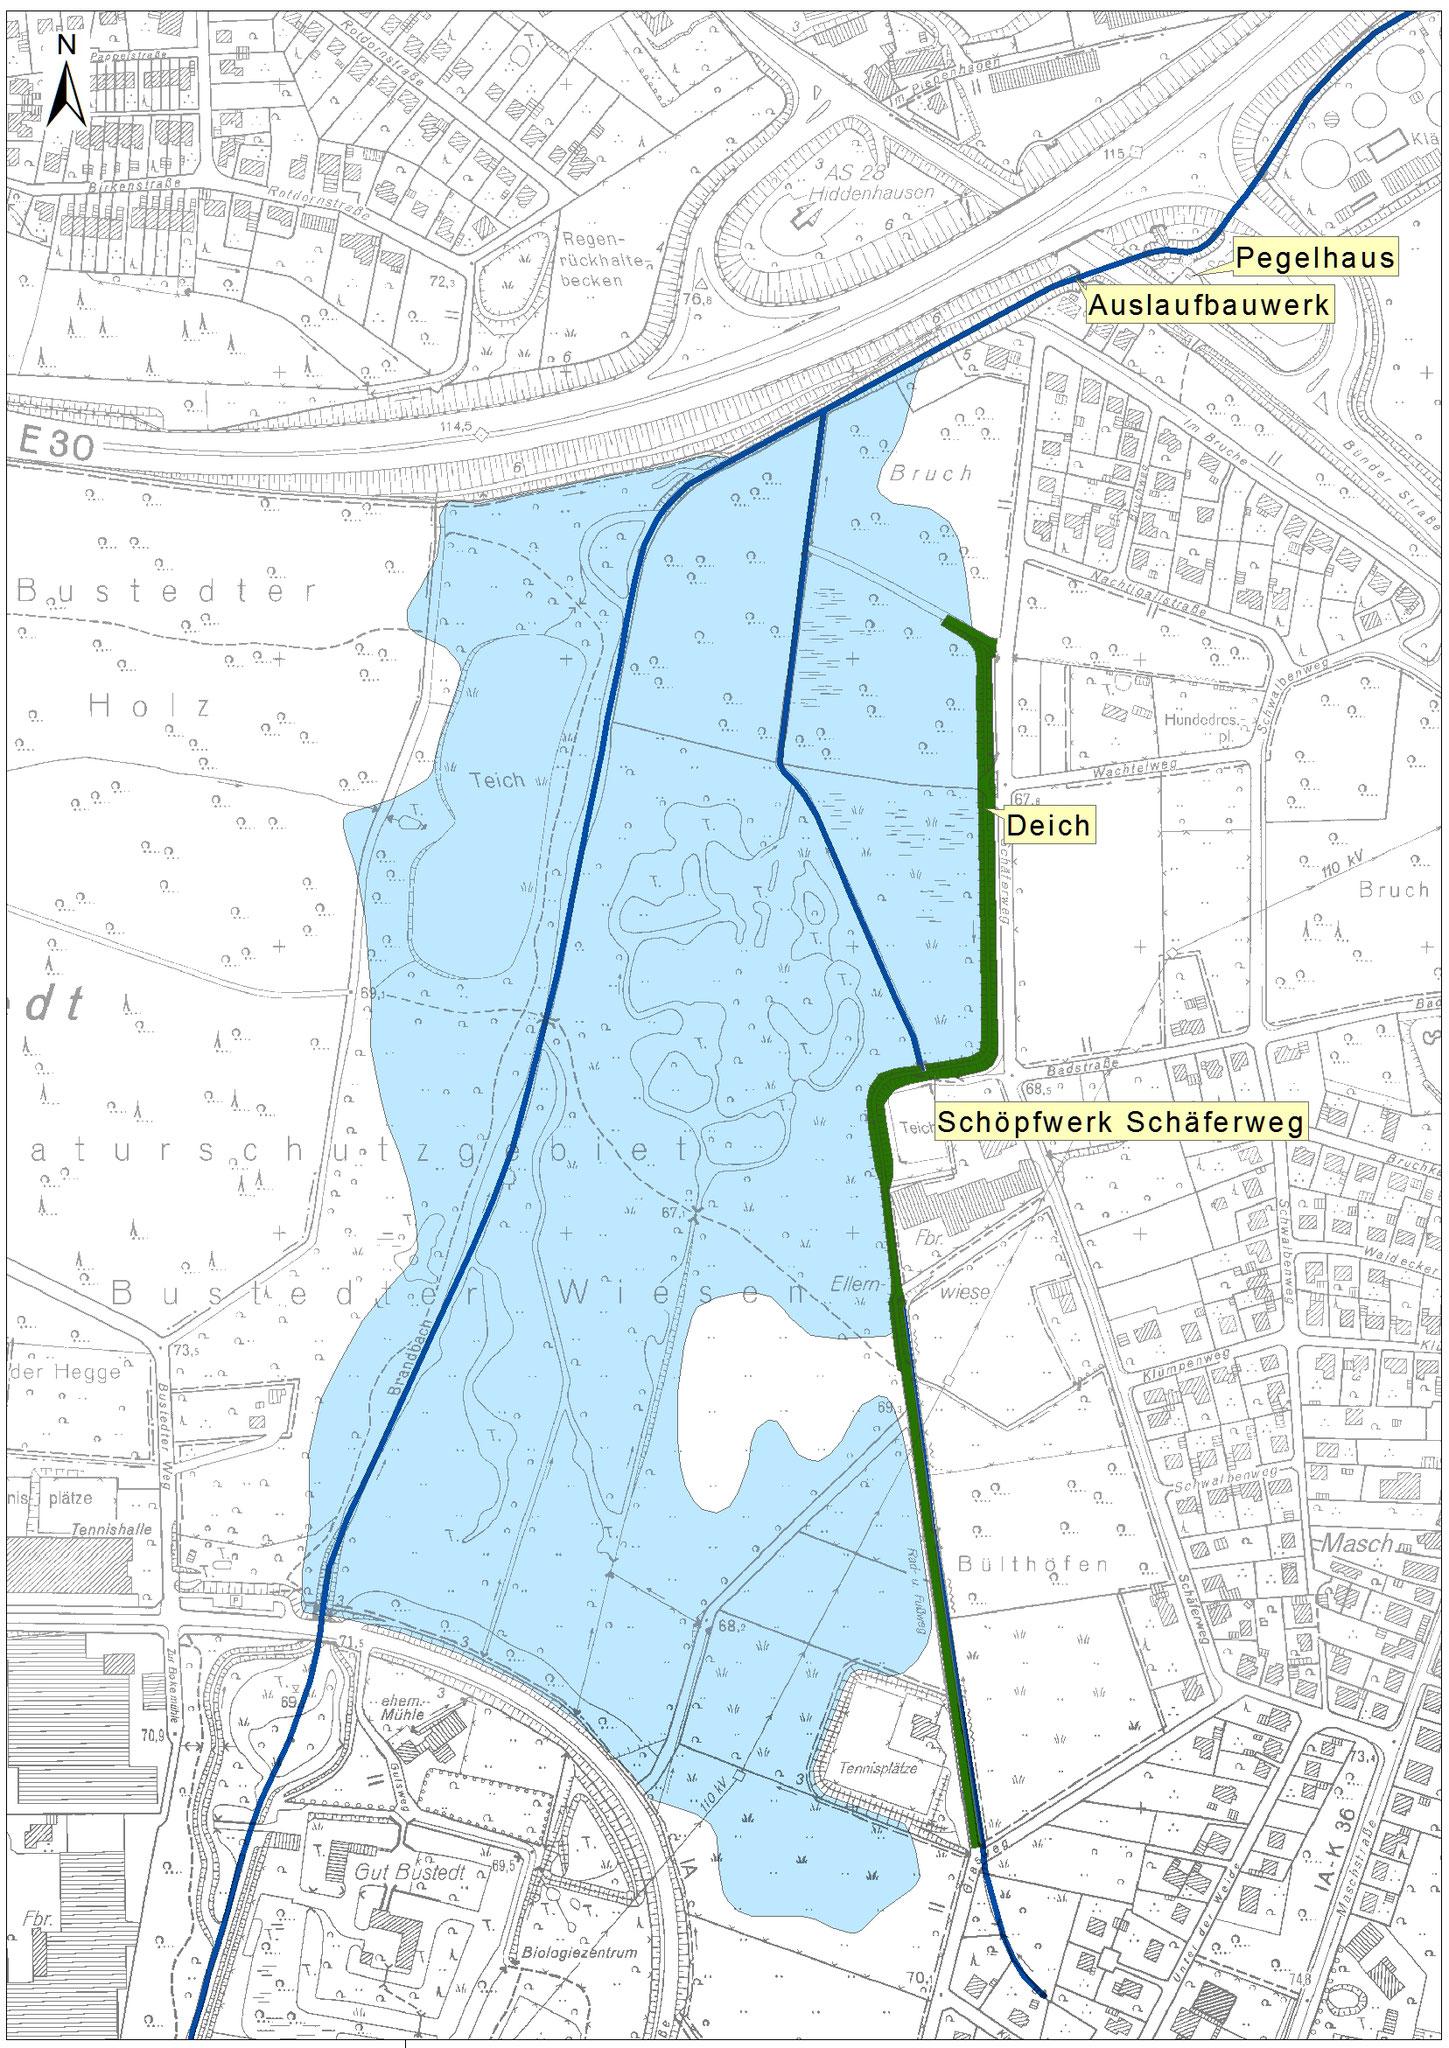 Übersichtslageplan mit Einstaufläche (blau) und Deichanlage (grün)